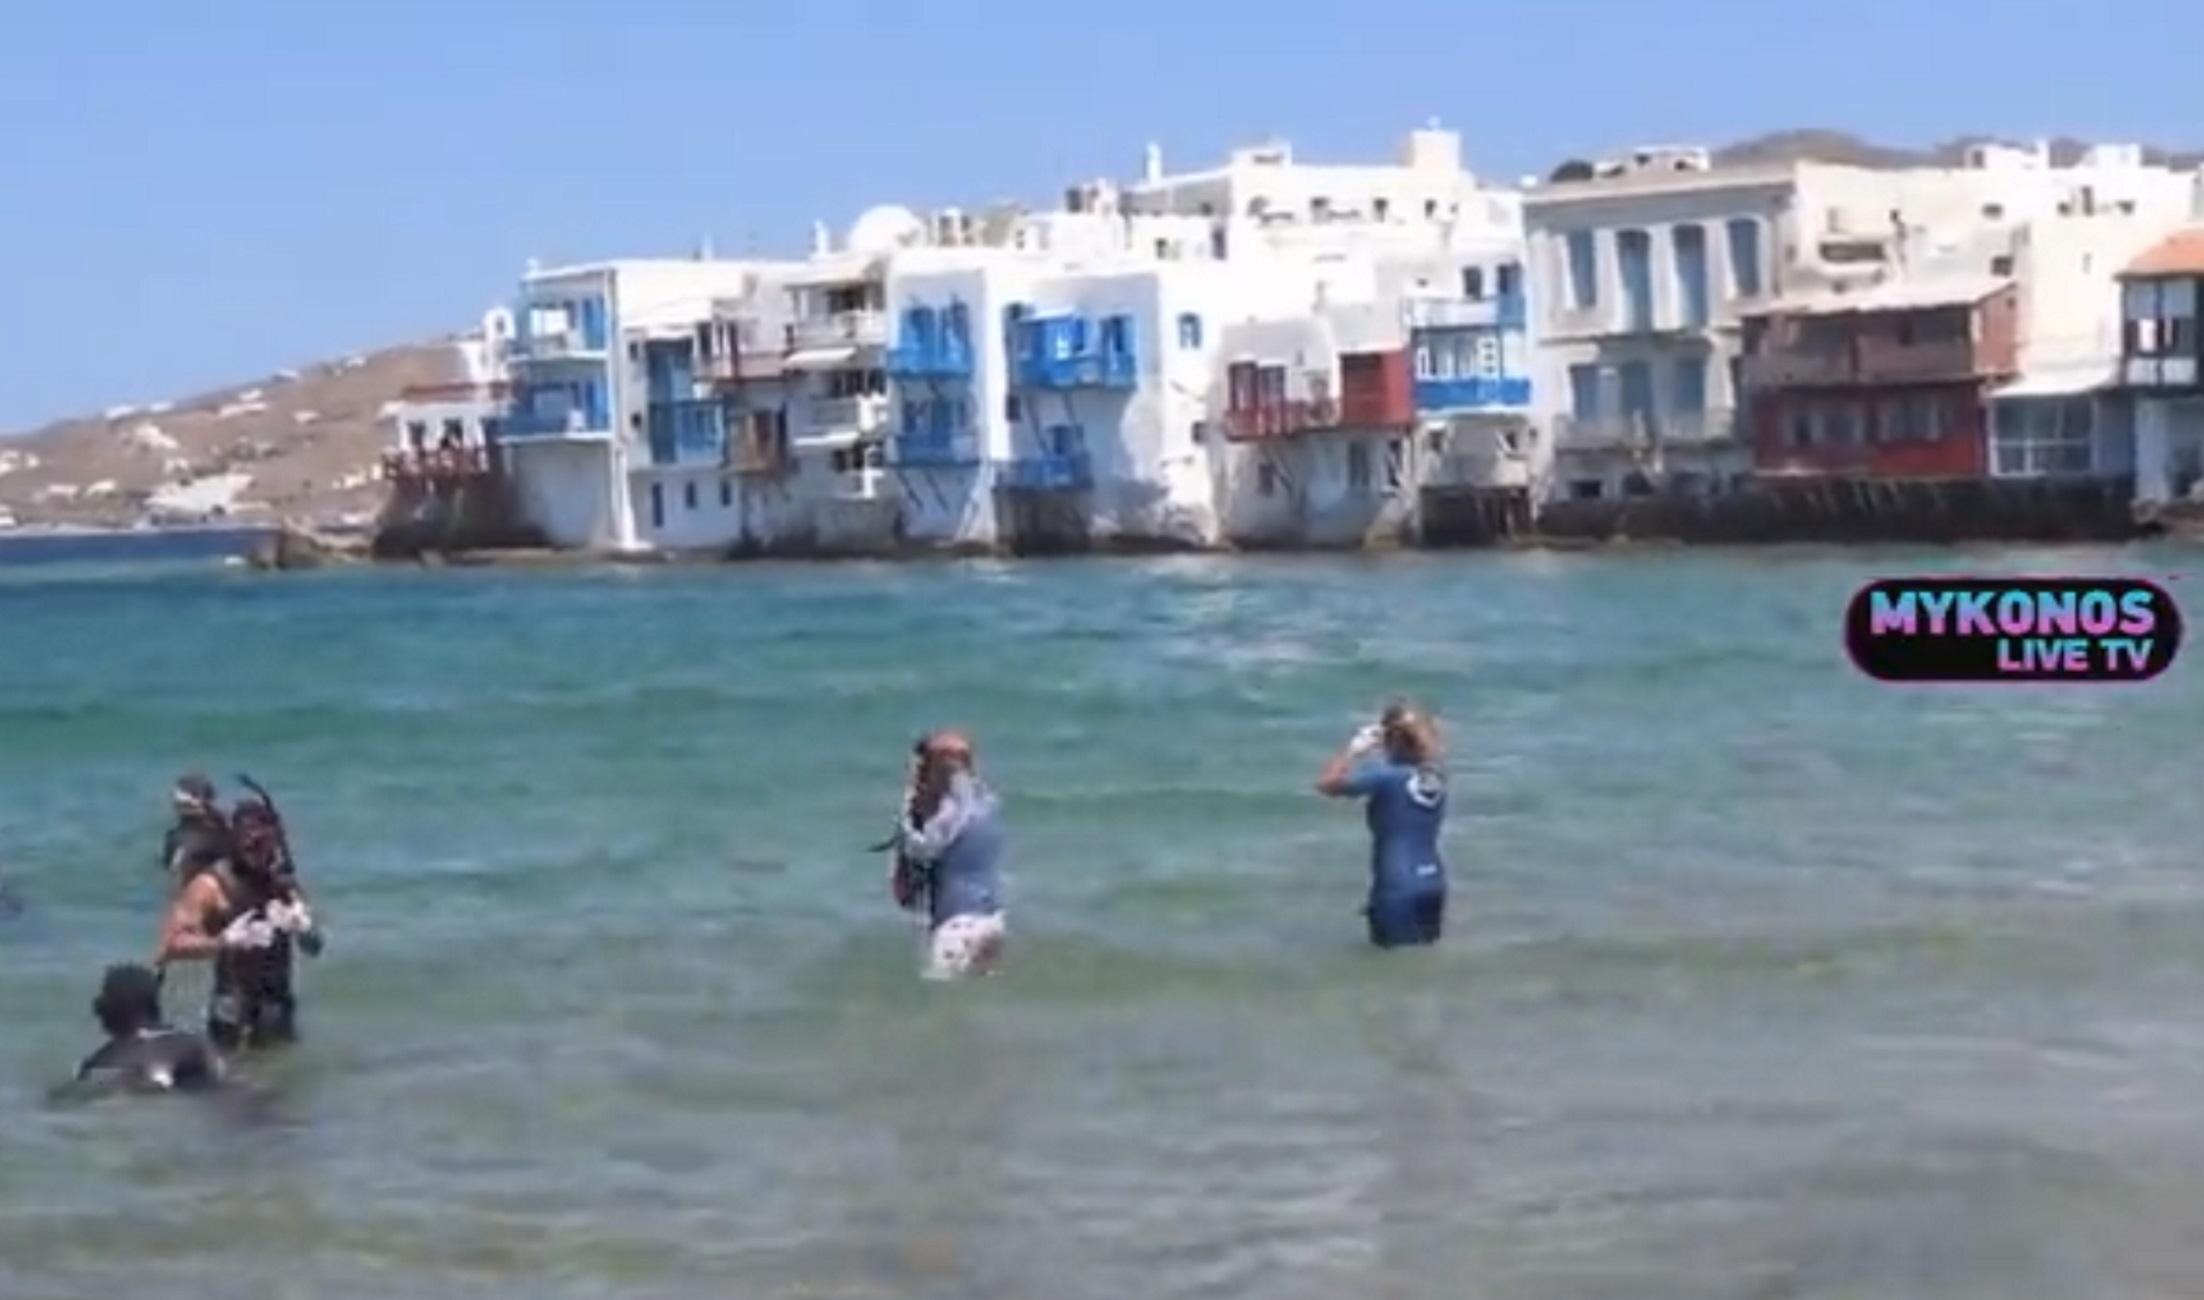 Μύκονος: Δείτε τι έκρυβε η θάλασσα στη Μικρή Βενετία! Έκπληκτοι ακόμα και οι δύτες (Βίντεο)